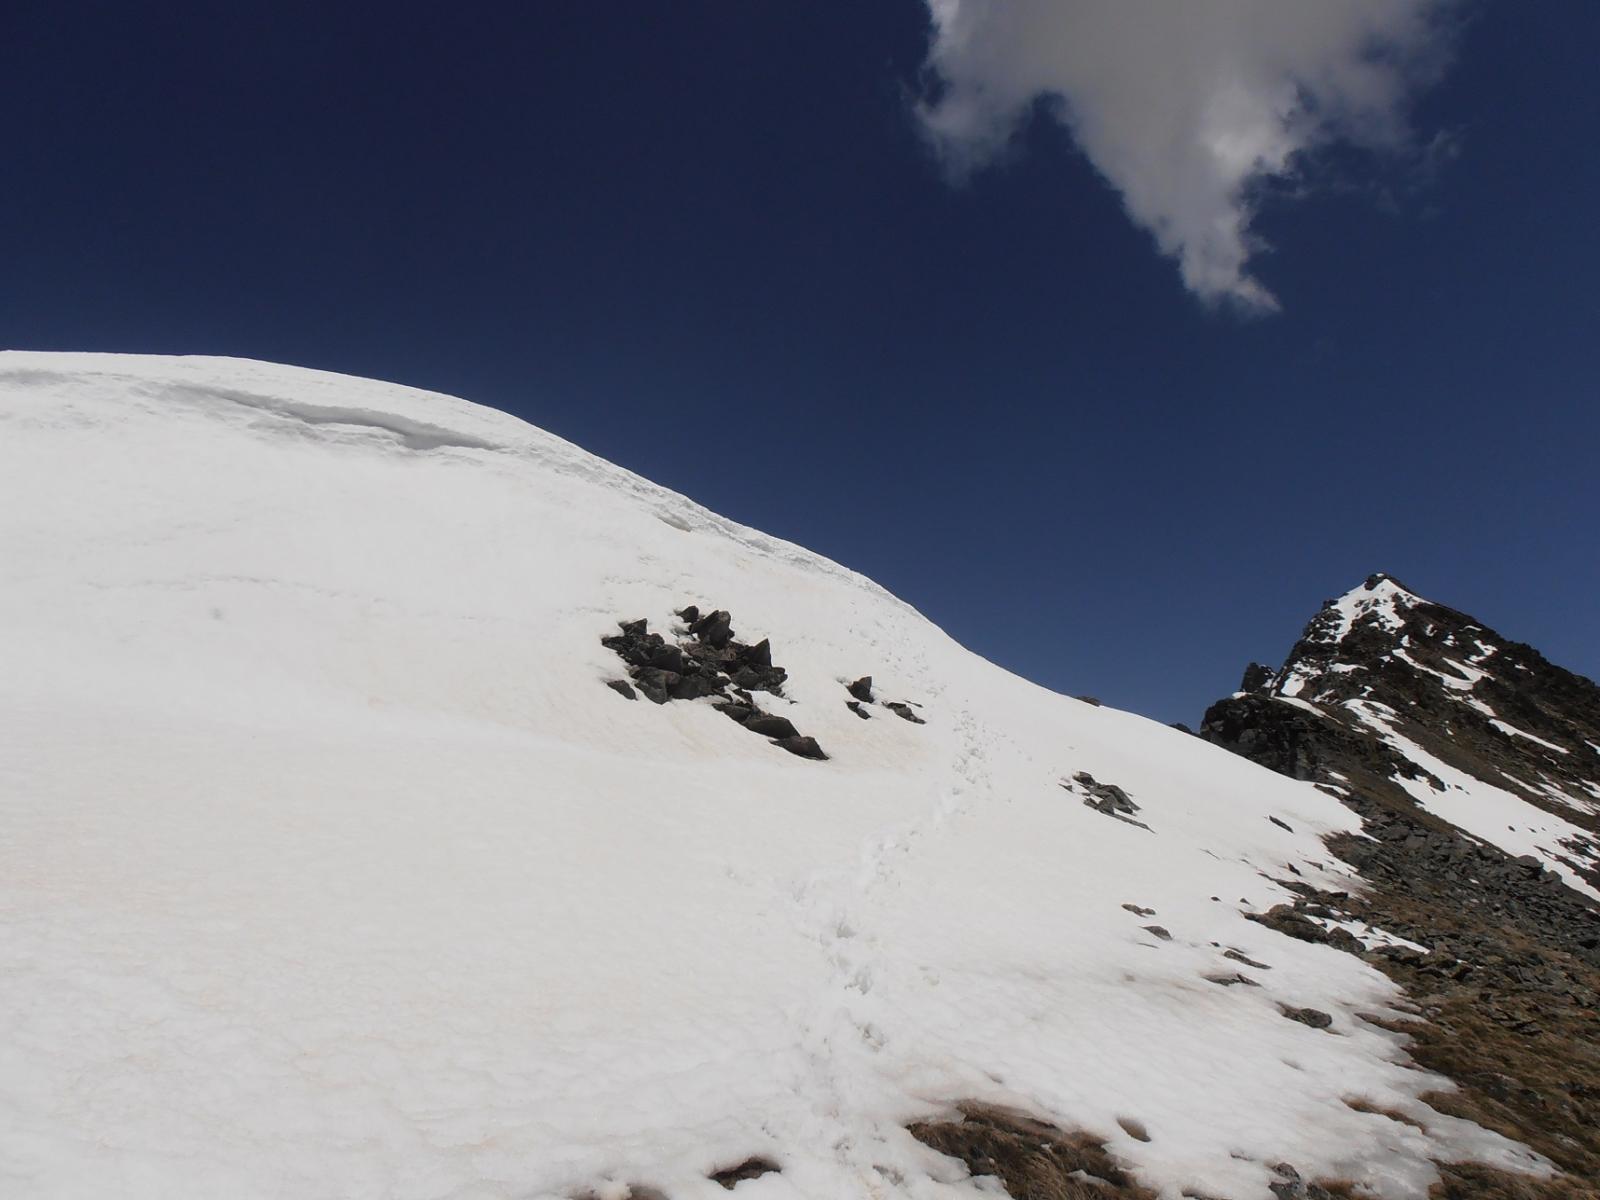 06 - cornice di neve per arrivare in cima, buona per divertirsi a risalirla senza grandi pericoli